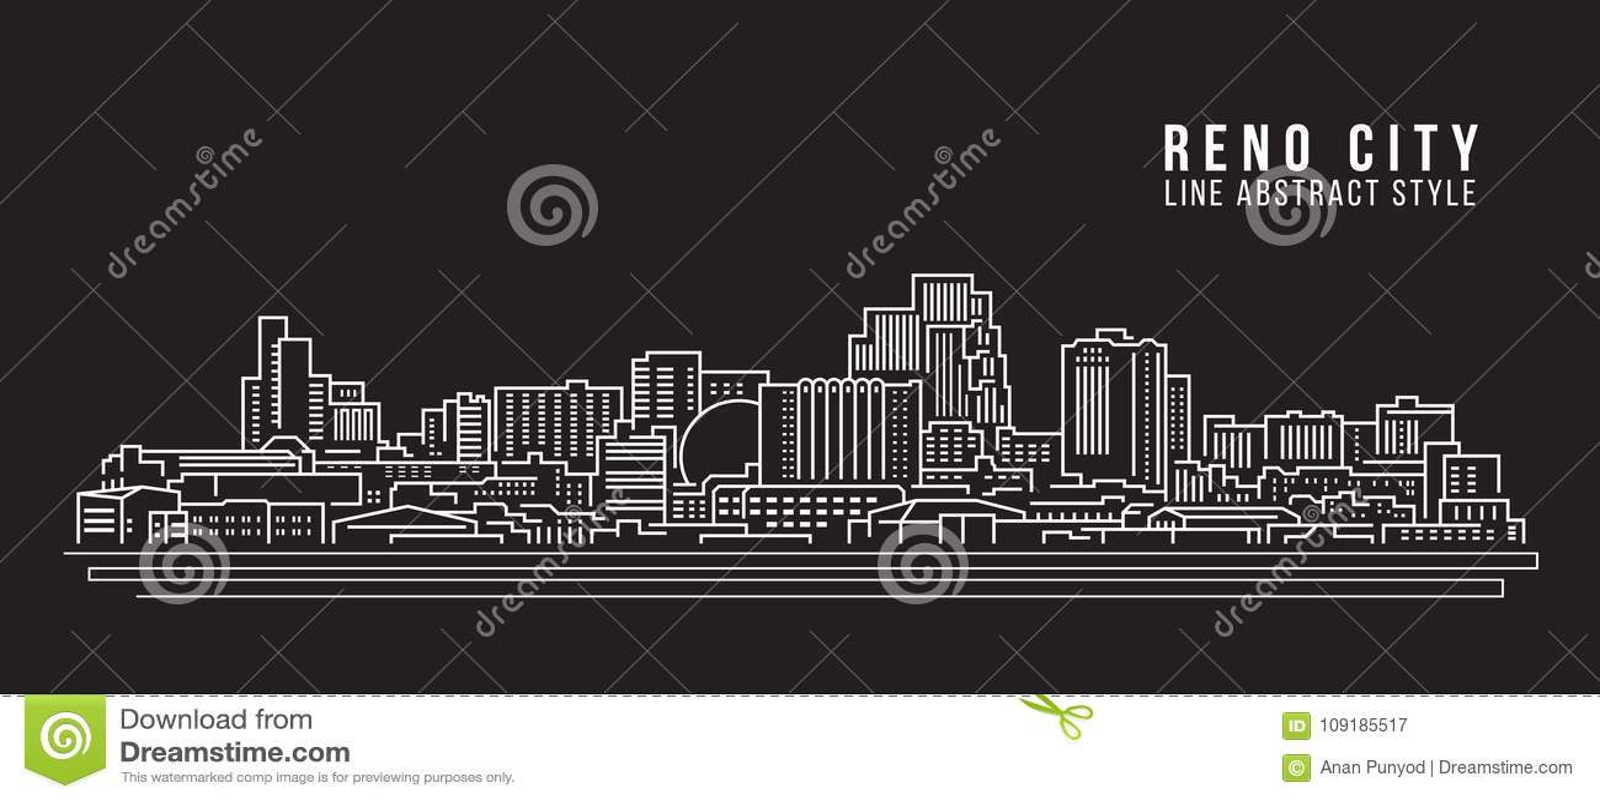 Allineamento dei fabbricati di paesaggio urbano progettazione dell illustrazione di vettore di arte - città di Reno